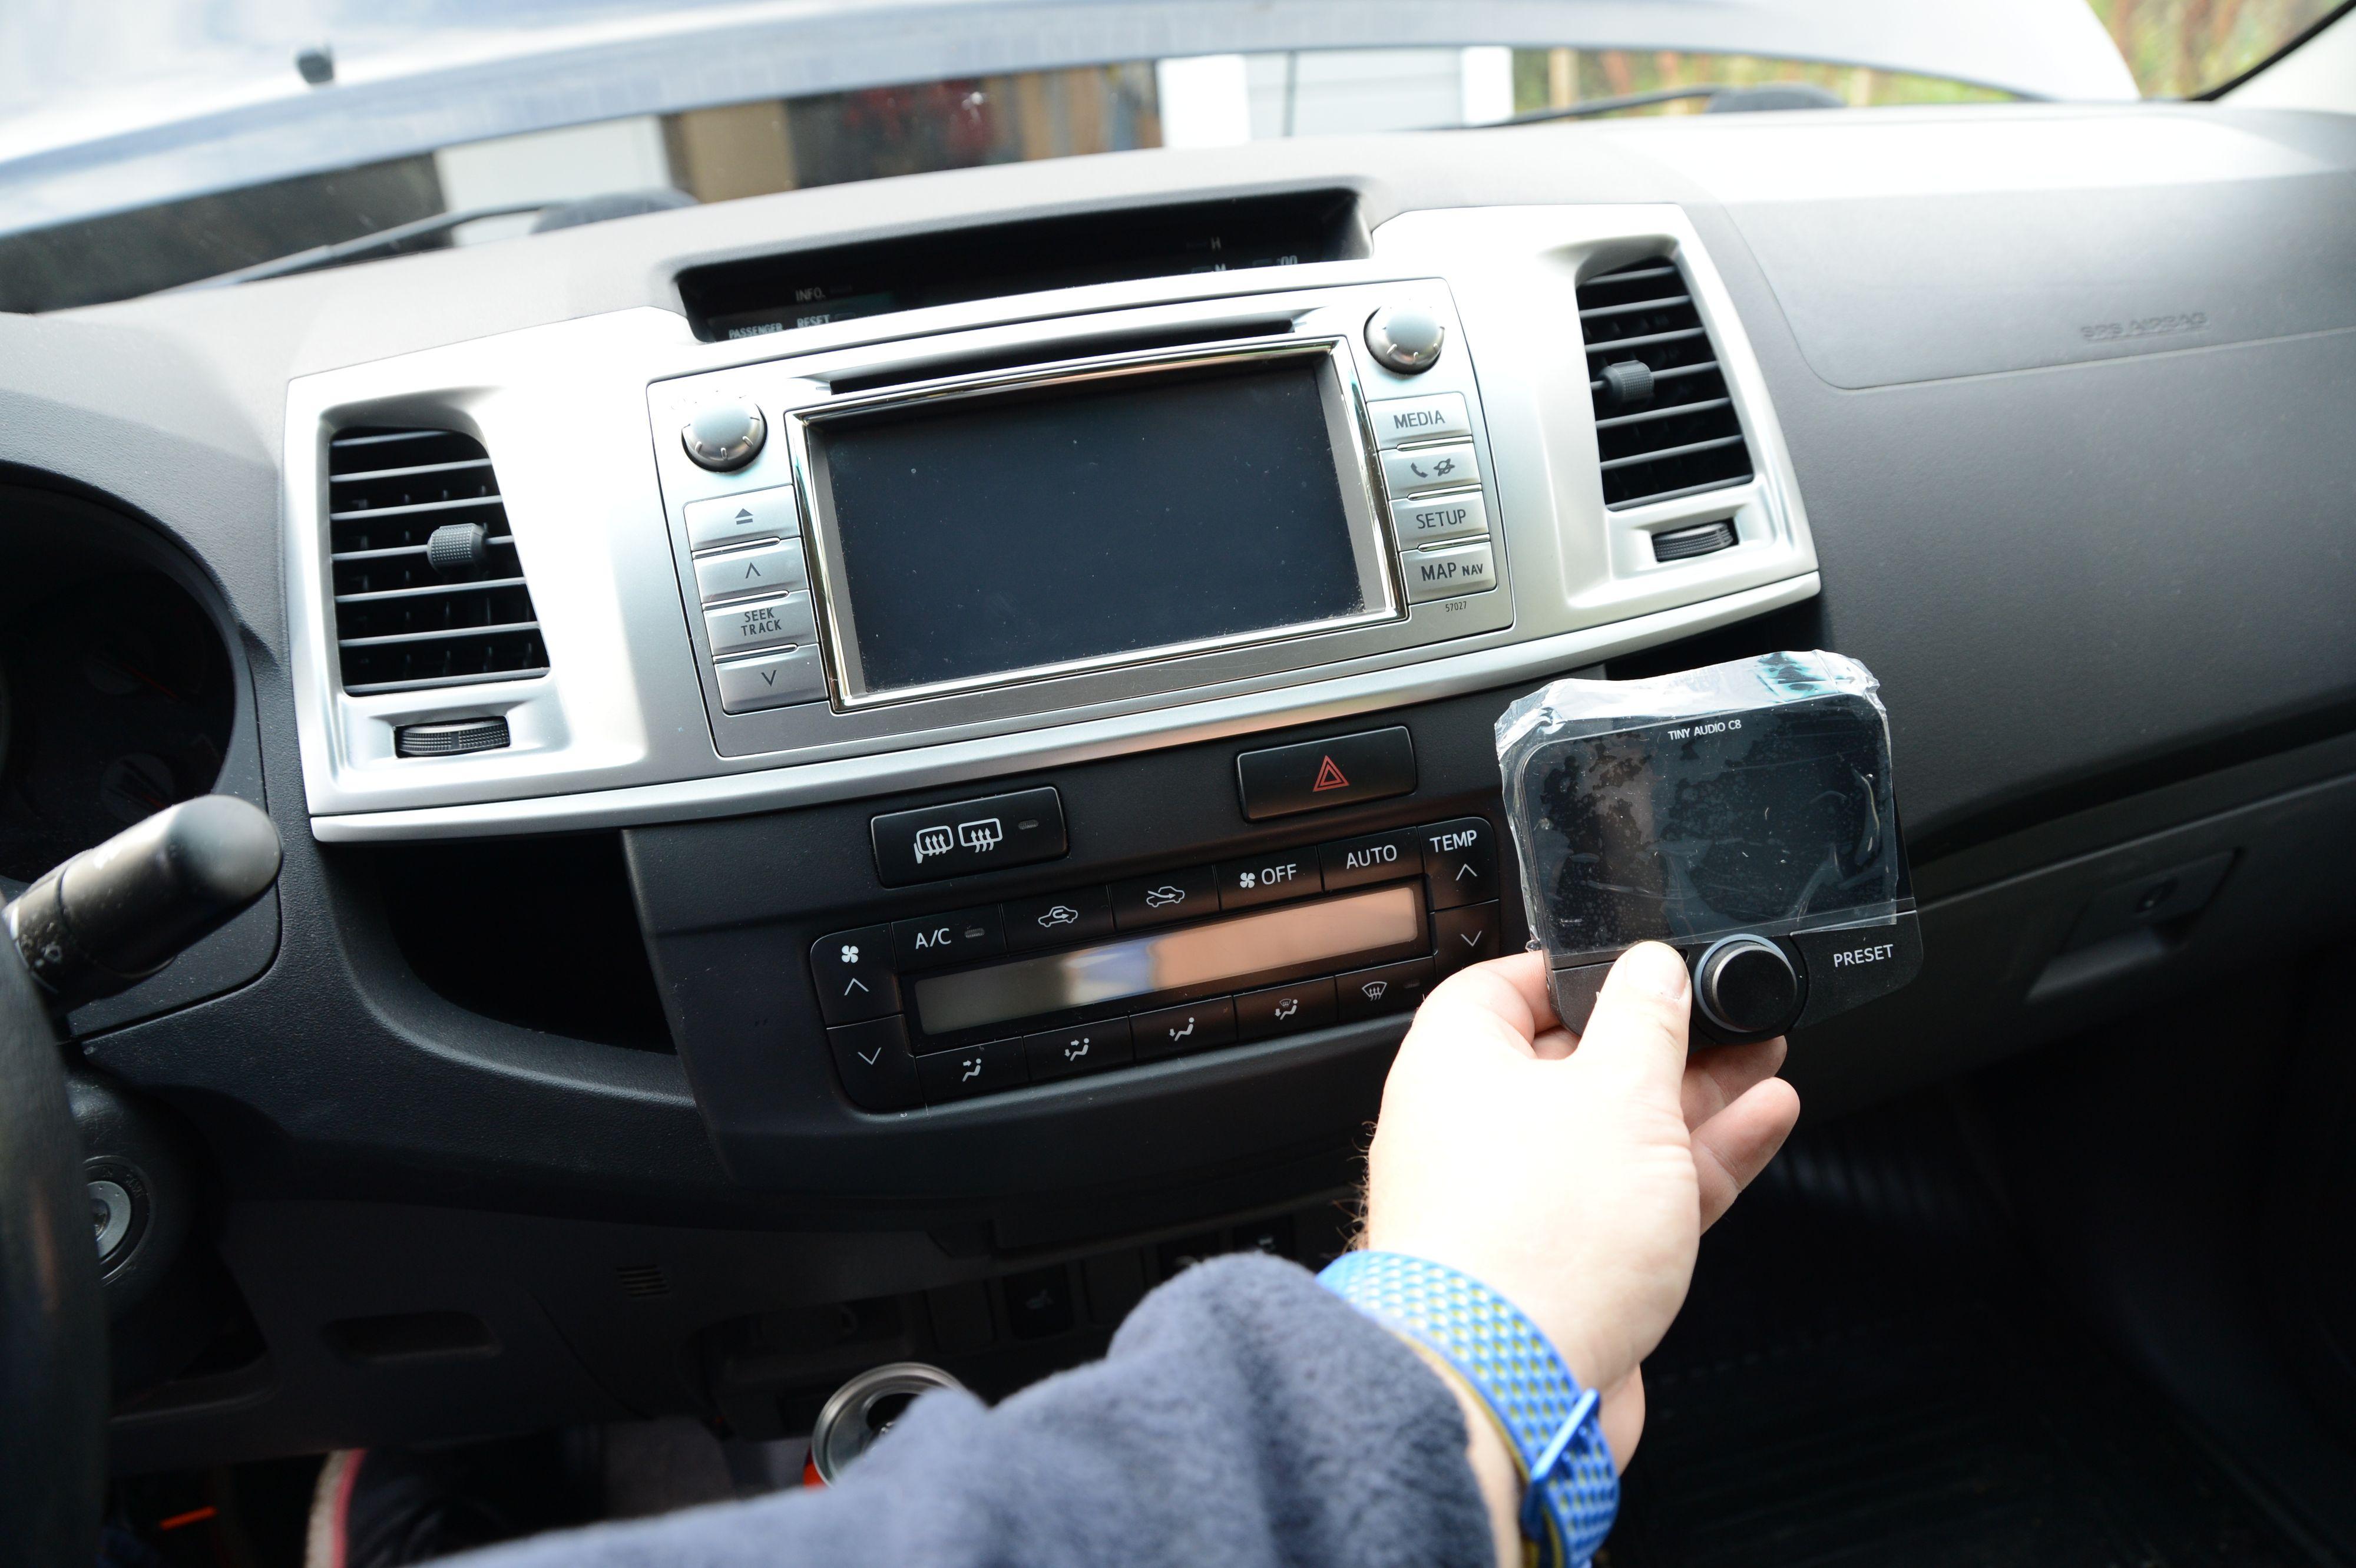 Bruk tid på å finne riktig plassering på adapteren før det braker.